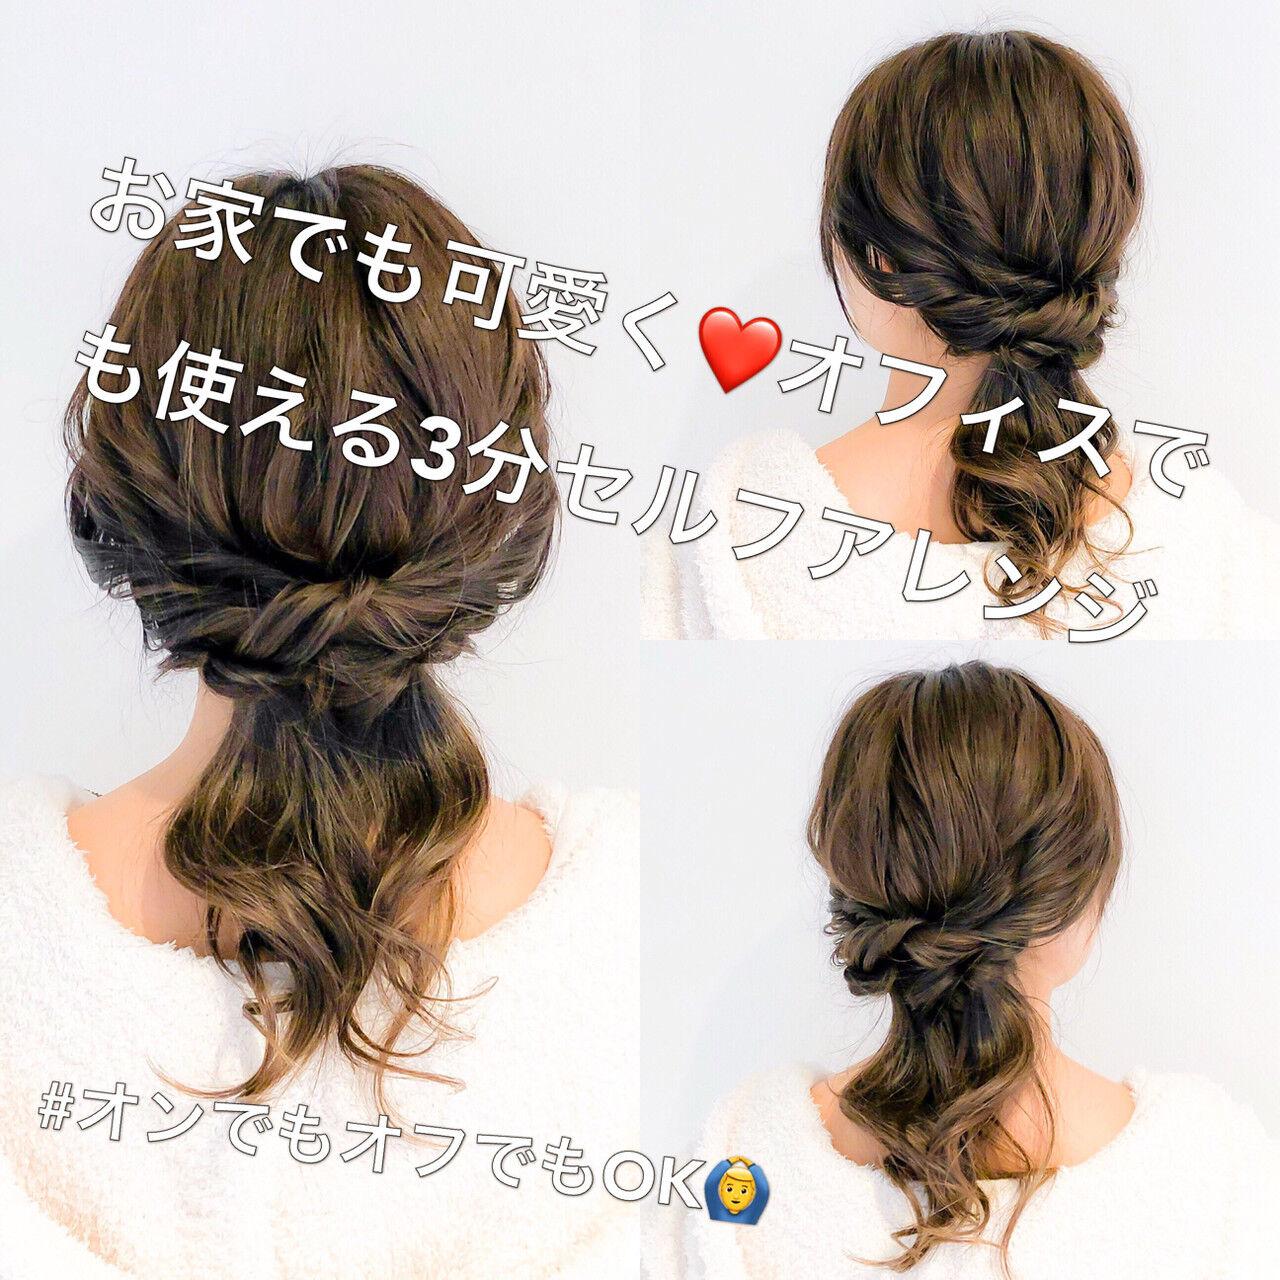 オフィス フェミニン ヘアアレンジ 簡単ヘアアレンジヘアスタイルや髪型の写真・画像